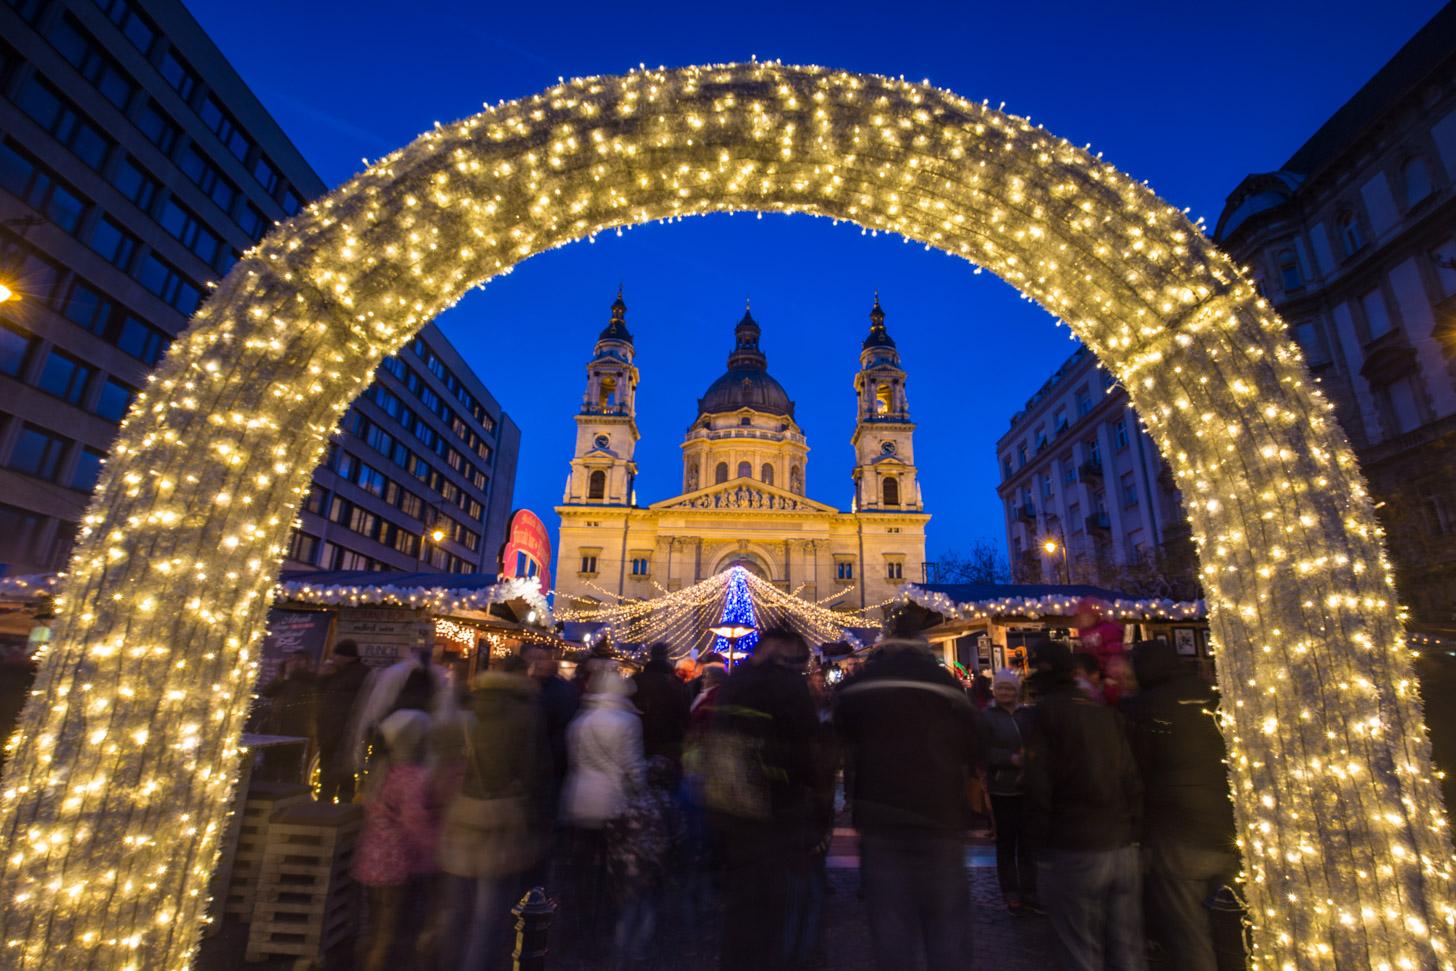 Kerstmarkt voor de Sint Stefanus Basiliek op het Sint Stefanus plein